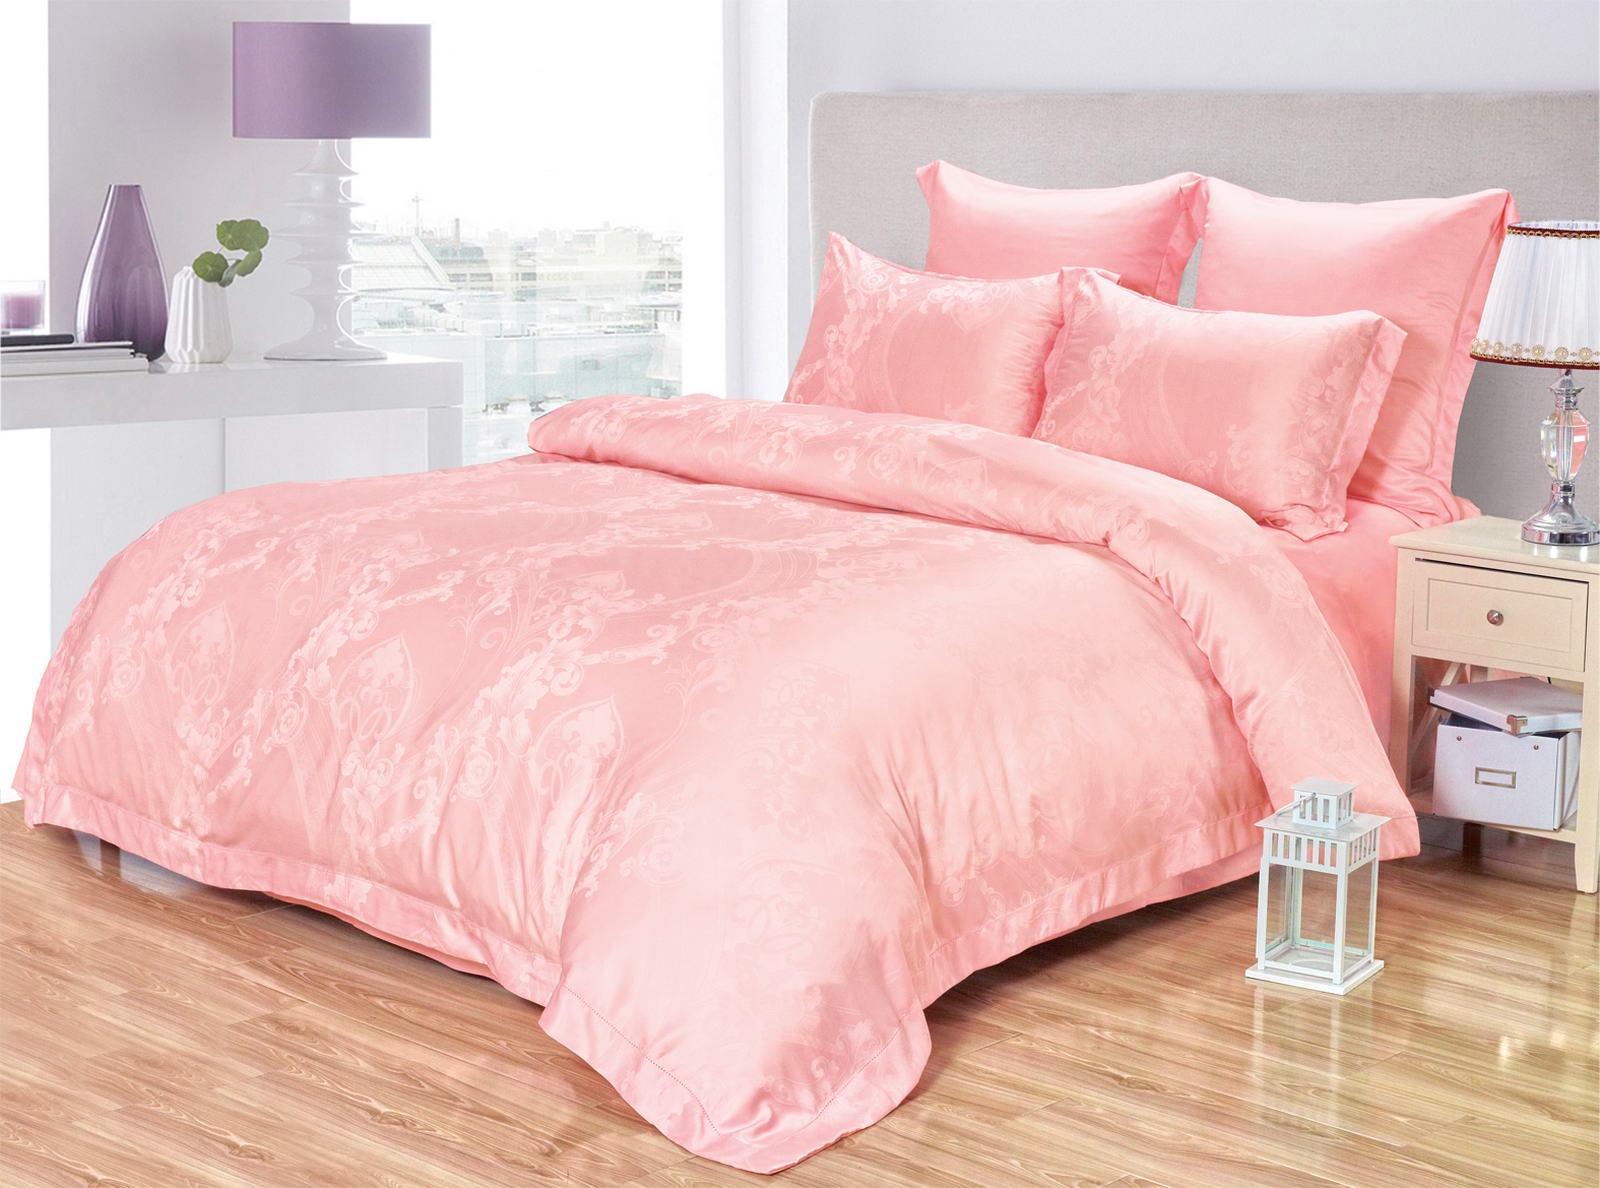 Комплект постельного белья Евро Sofi de Marko Алонсо